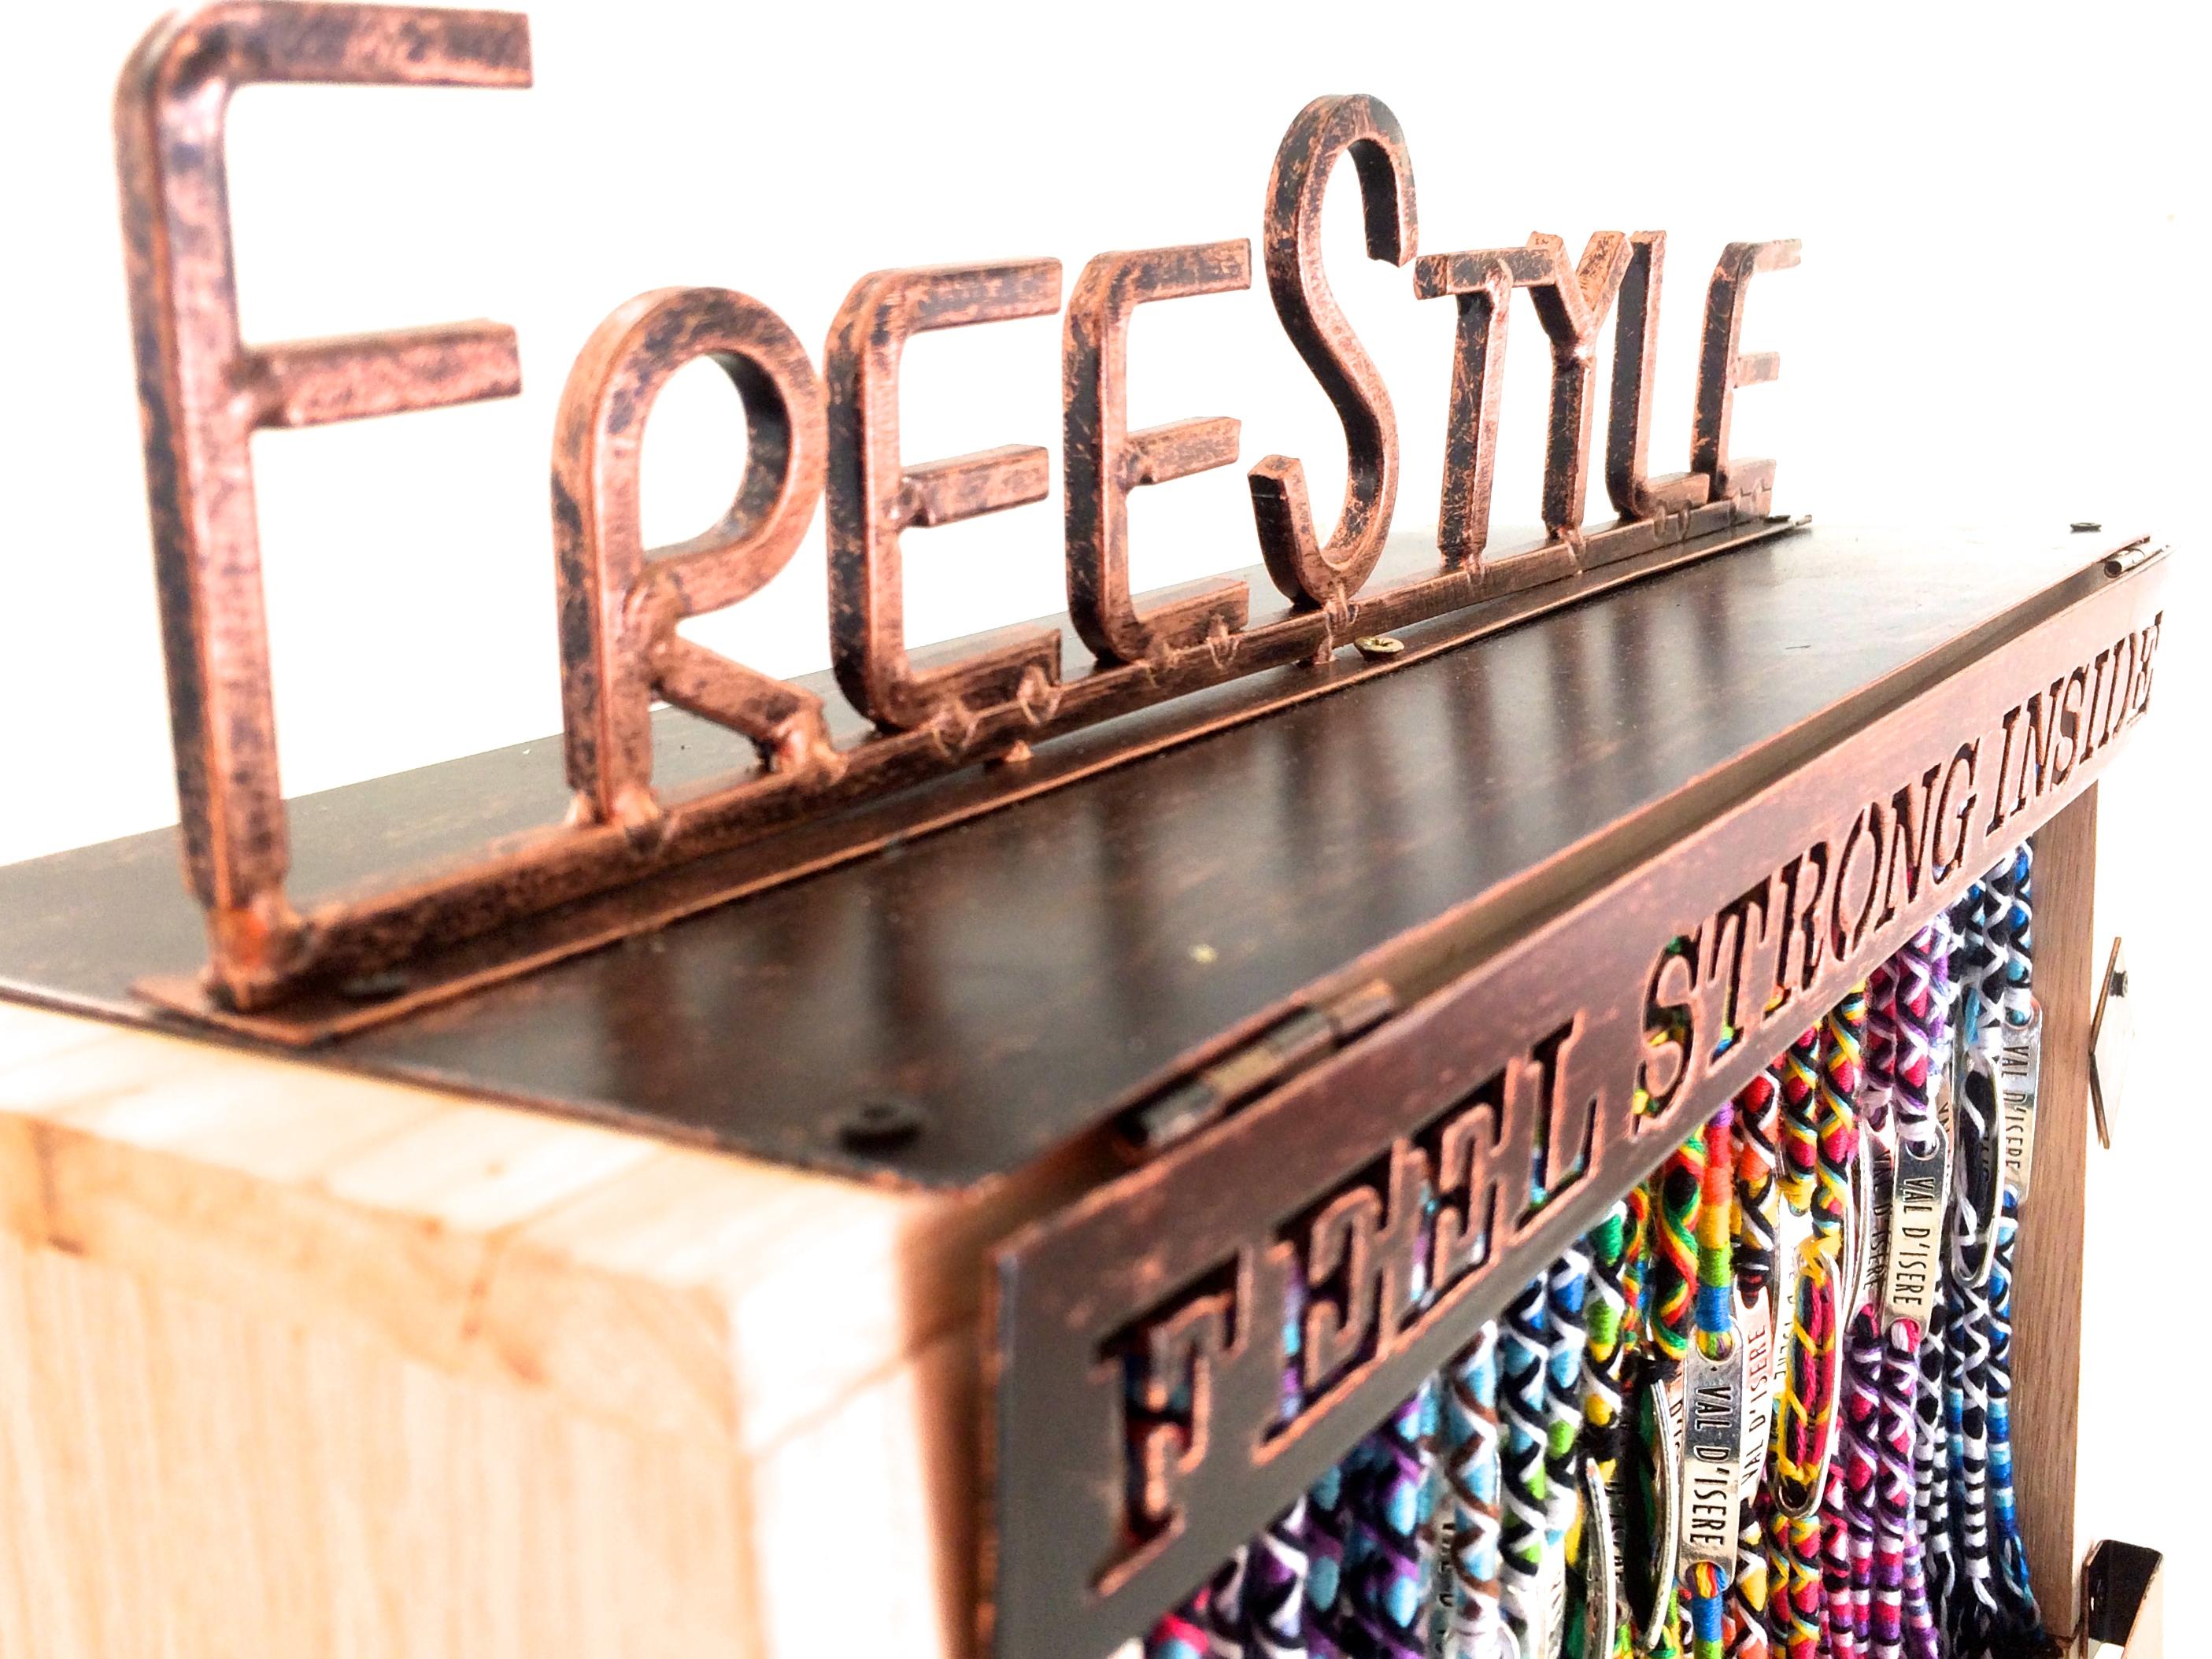 FREESTYLE-FSI ®